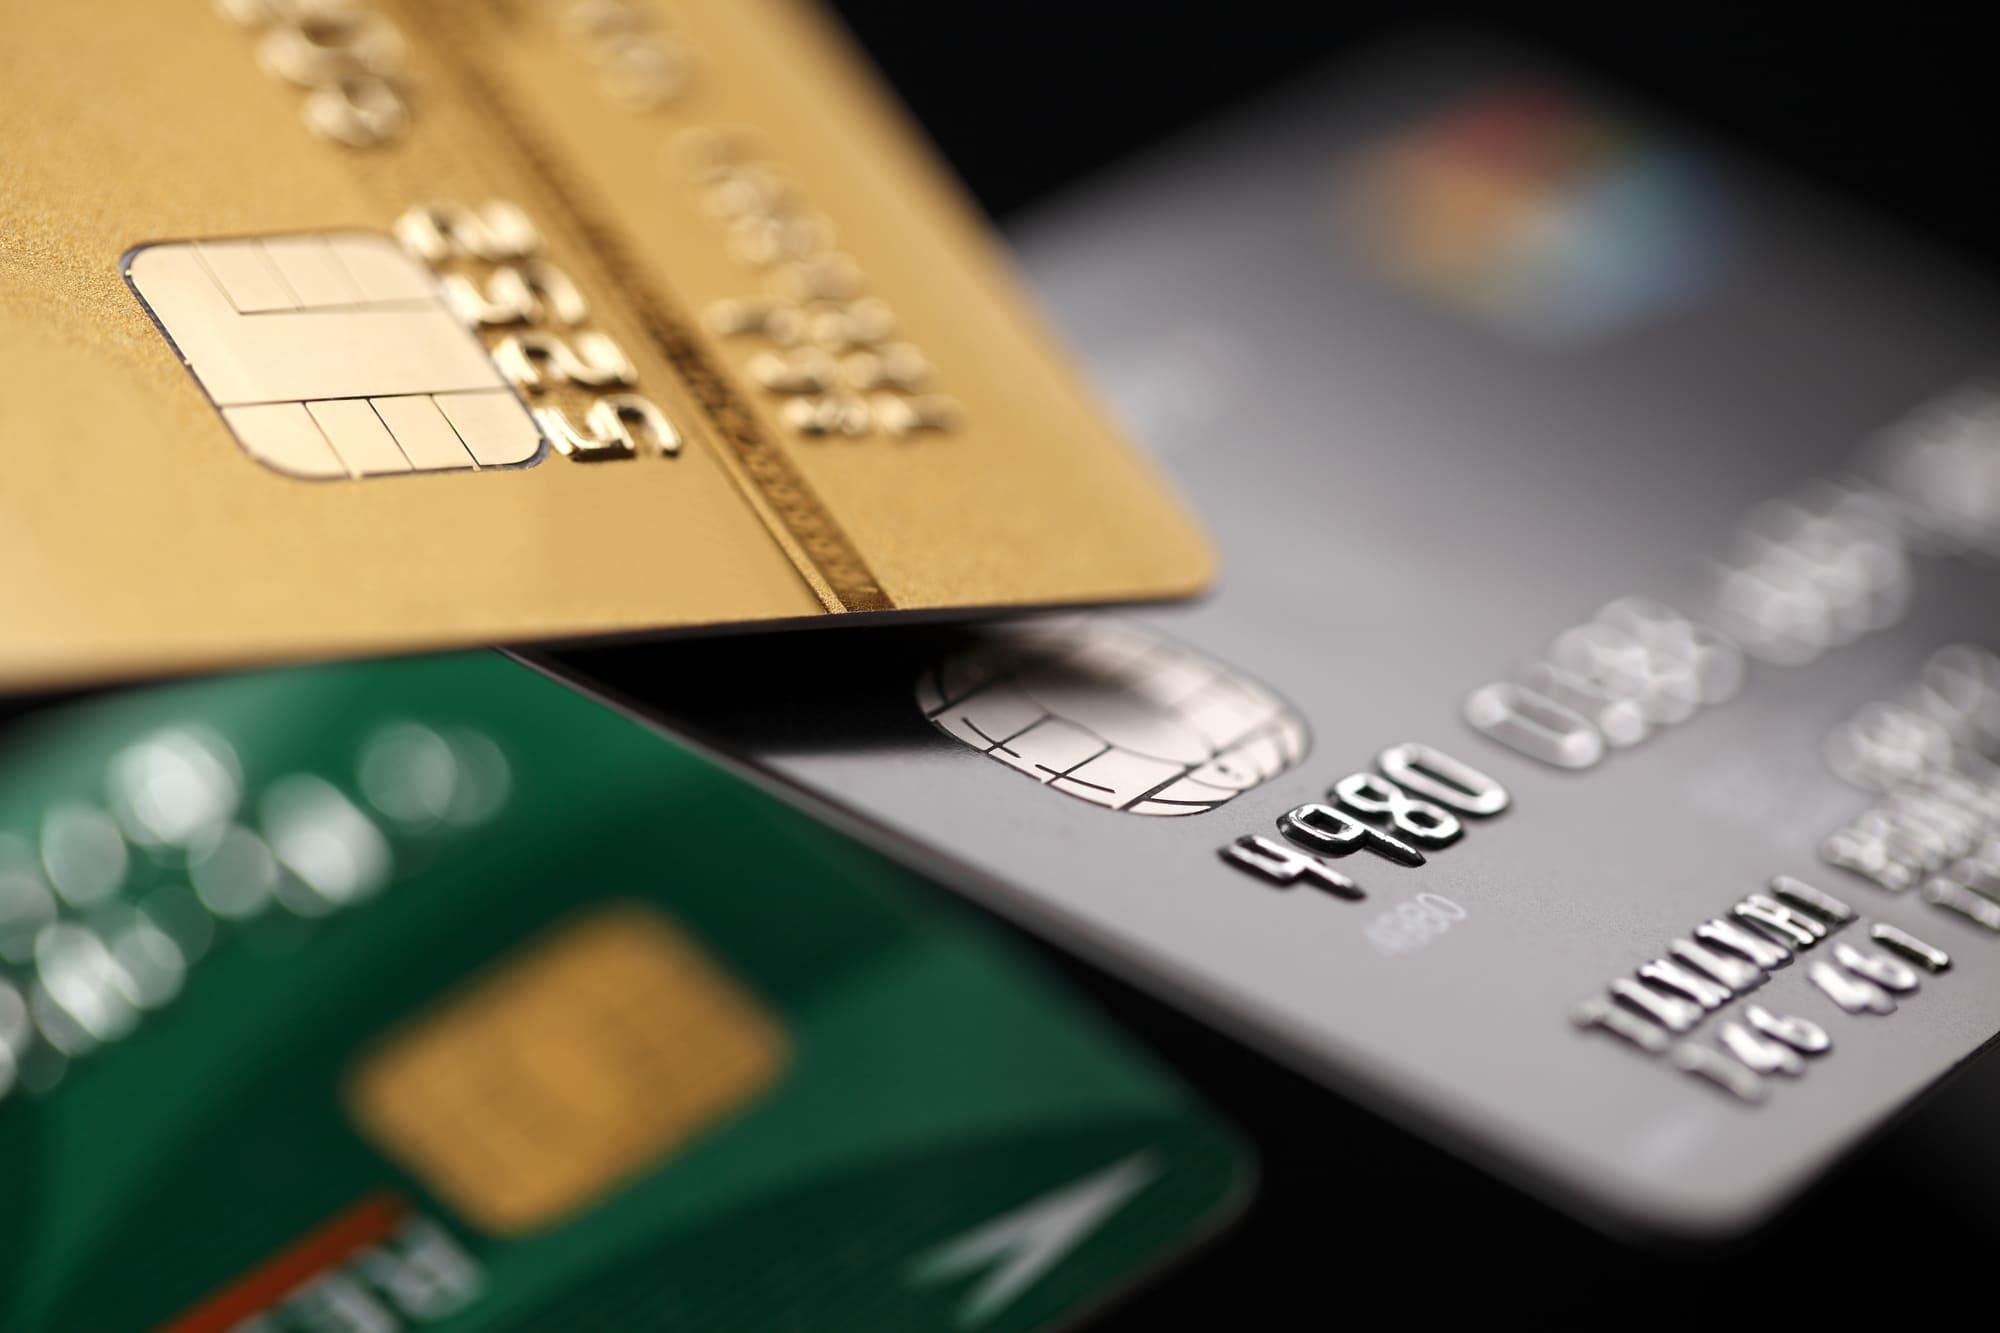 【事前に知ろう】法人カードのトラブルって何がある?トラブル回避のために大切なこと教えます